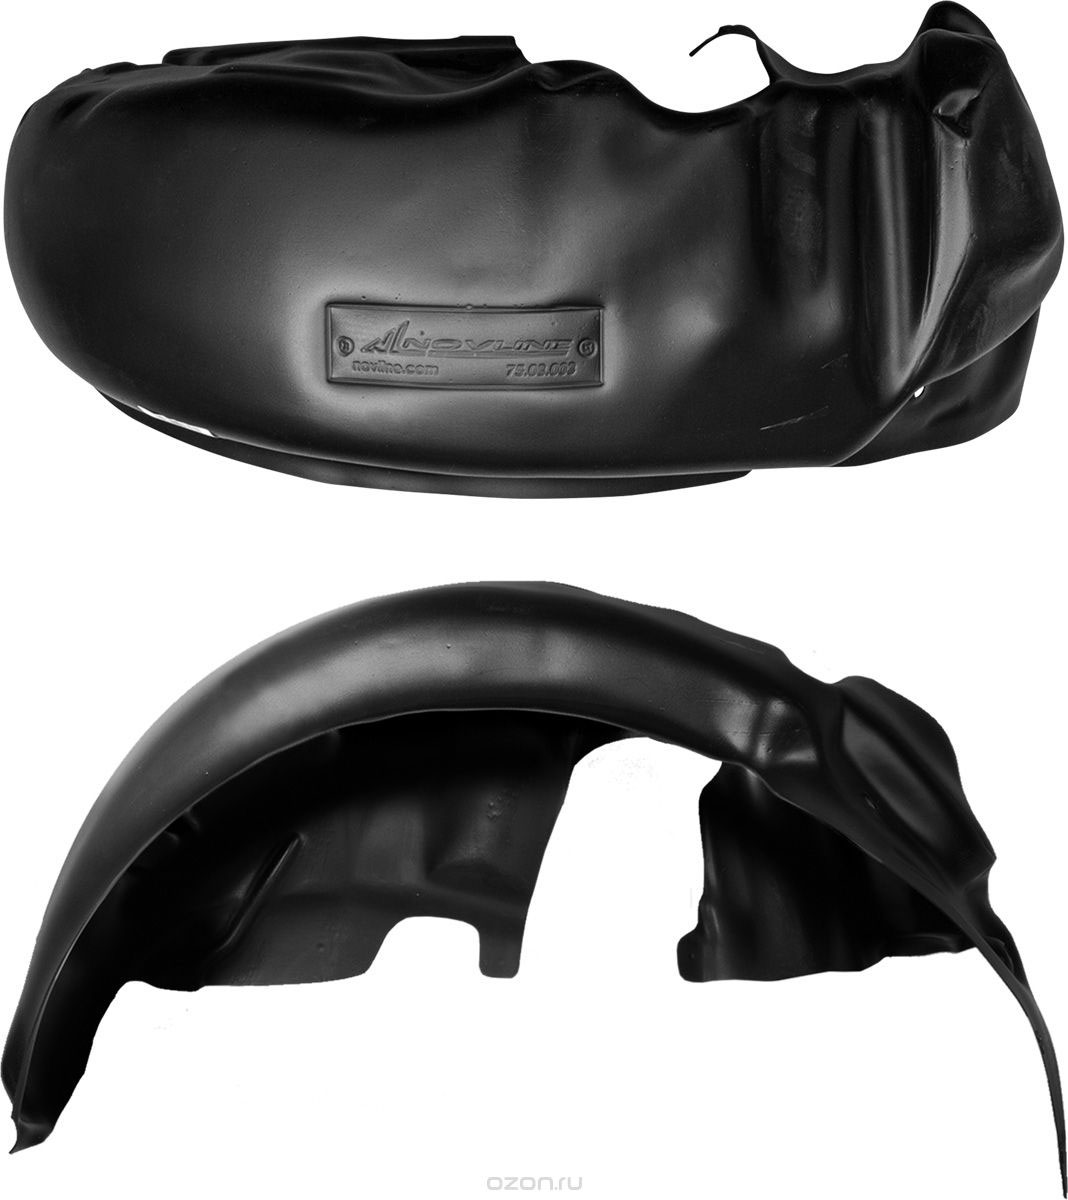 Подкрылок Novline-Autofamily, для RENAULT Duster 4x2, 05/2015->, задний левыйDAVC150Идеальная защита колесной ниши. Локеры разработаны с применением цифровых технологий, гарантируют максимальную повторяемость поверхности арки. Изделия устанавливаются без нарушения лакокрасочного покрытия автомобиля, каждый подкрылок комплектуется крепежом. Уважаемые клиенты, обращаем ваше внимание, что фотографии на подкрылки универсальные и не отражают реальную форму изделия. При этом само изделие идет точно под размер указанного автомобиля.